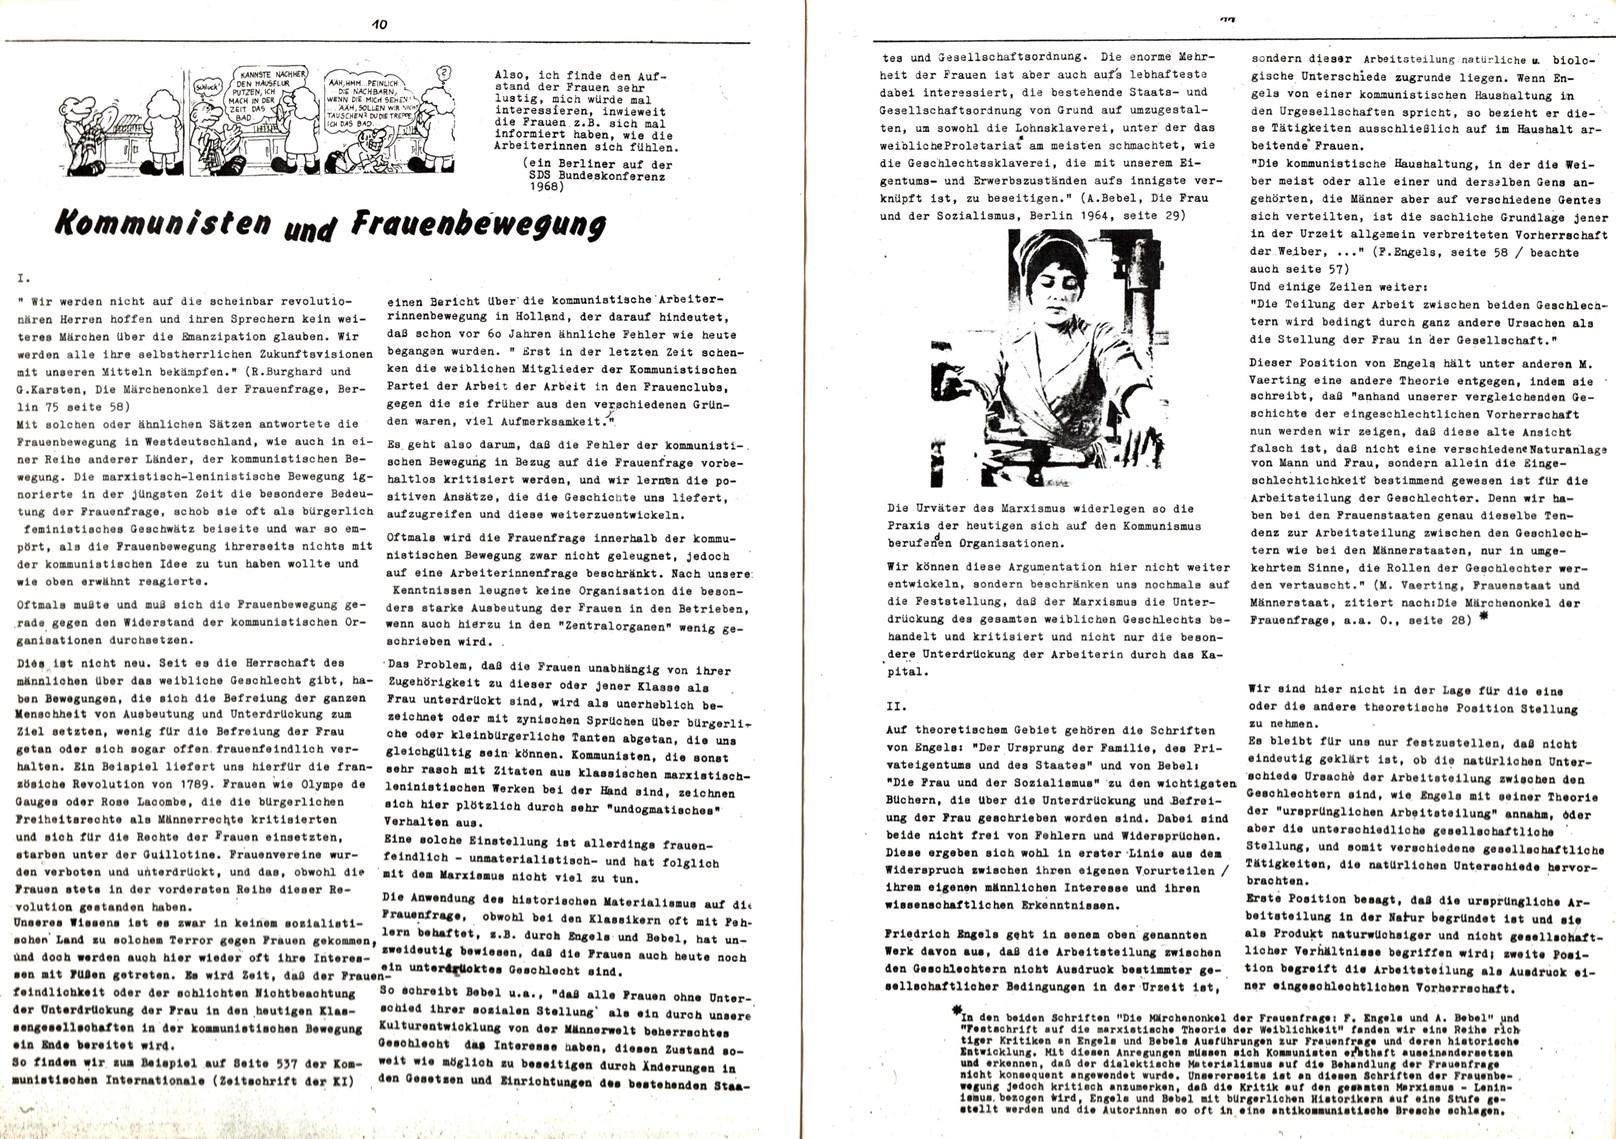 Duesseldorf_KID_Materialien_19780700_006